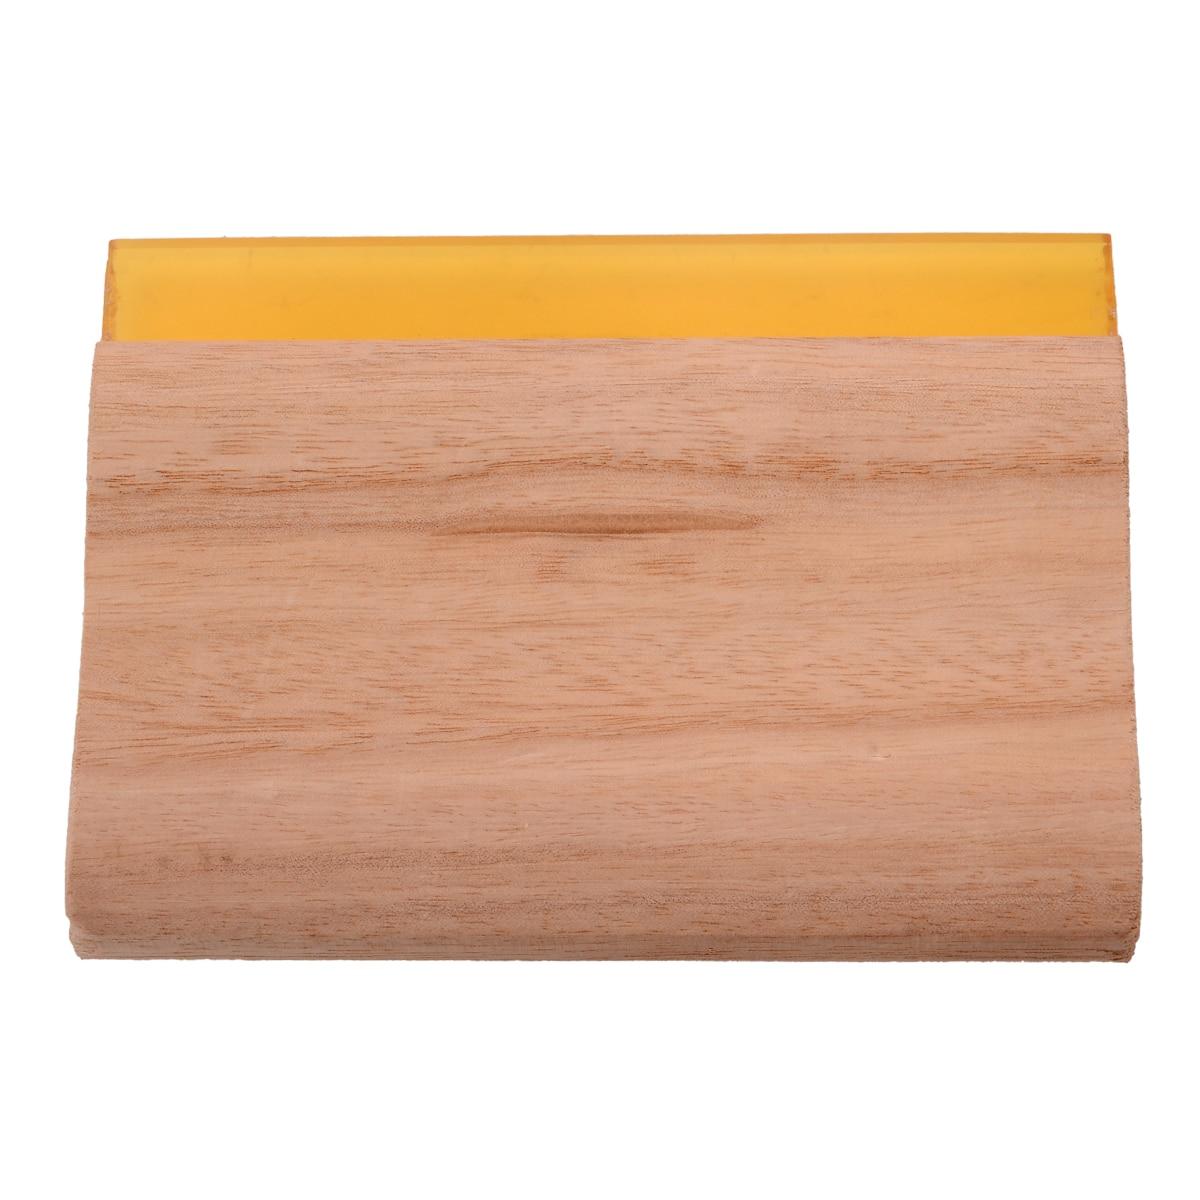 6 hüvelykes hosszúságú szitanyomás kacsák fa fogantyúval, selyem kézműves szitanyomás kaparó festékkaparó pengével